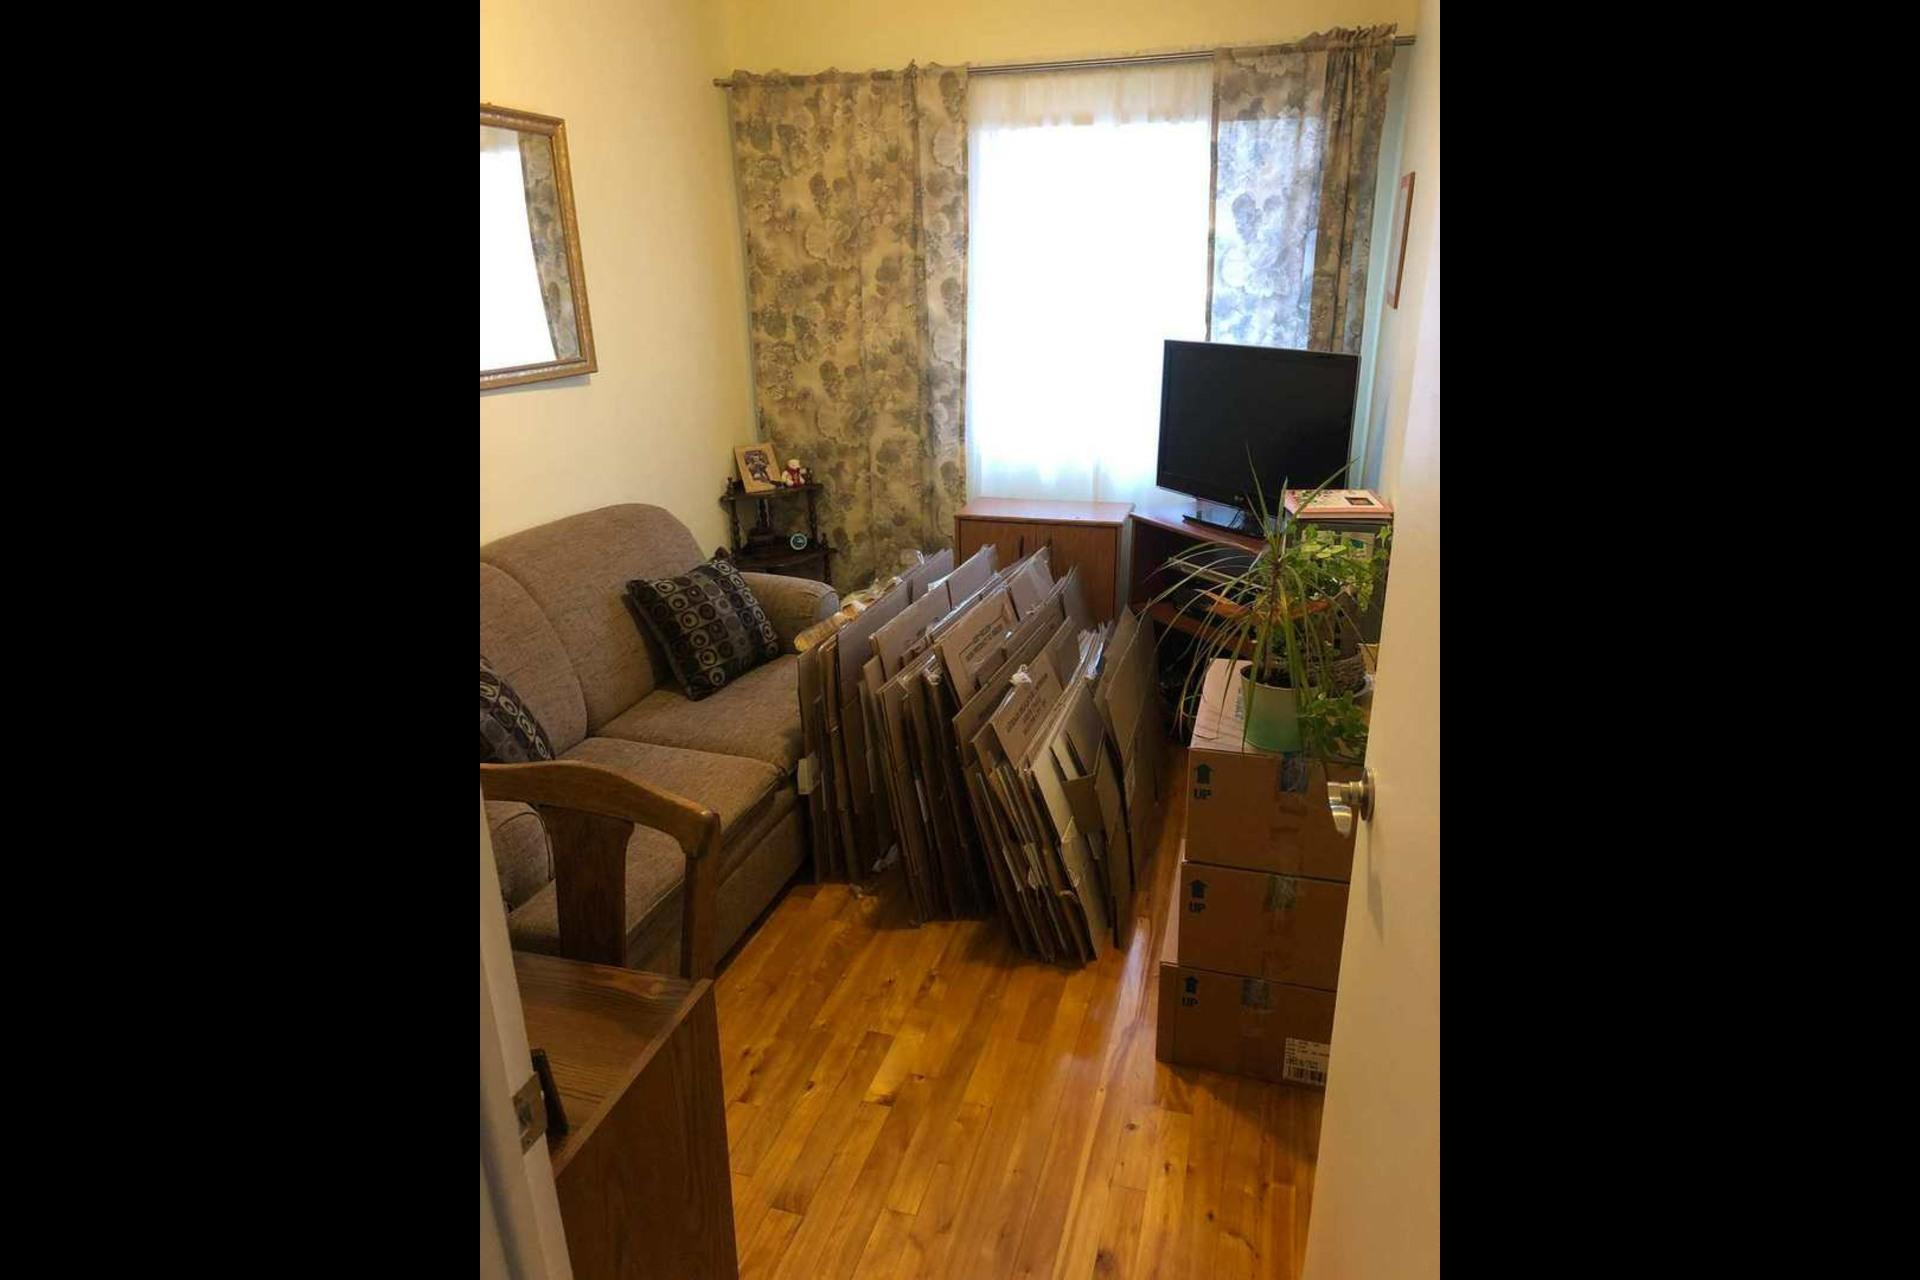 image 8 - Appartement À louer Montréal Saint-Leonard - 5 pièces